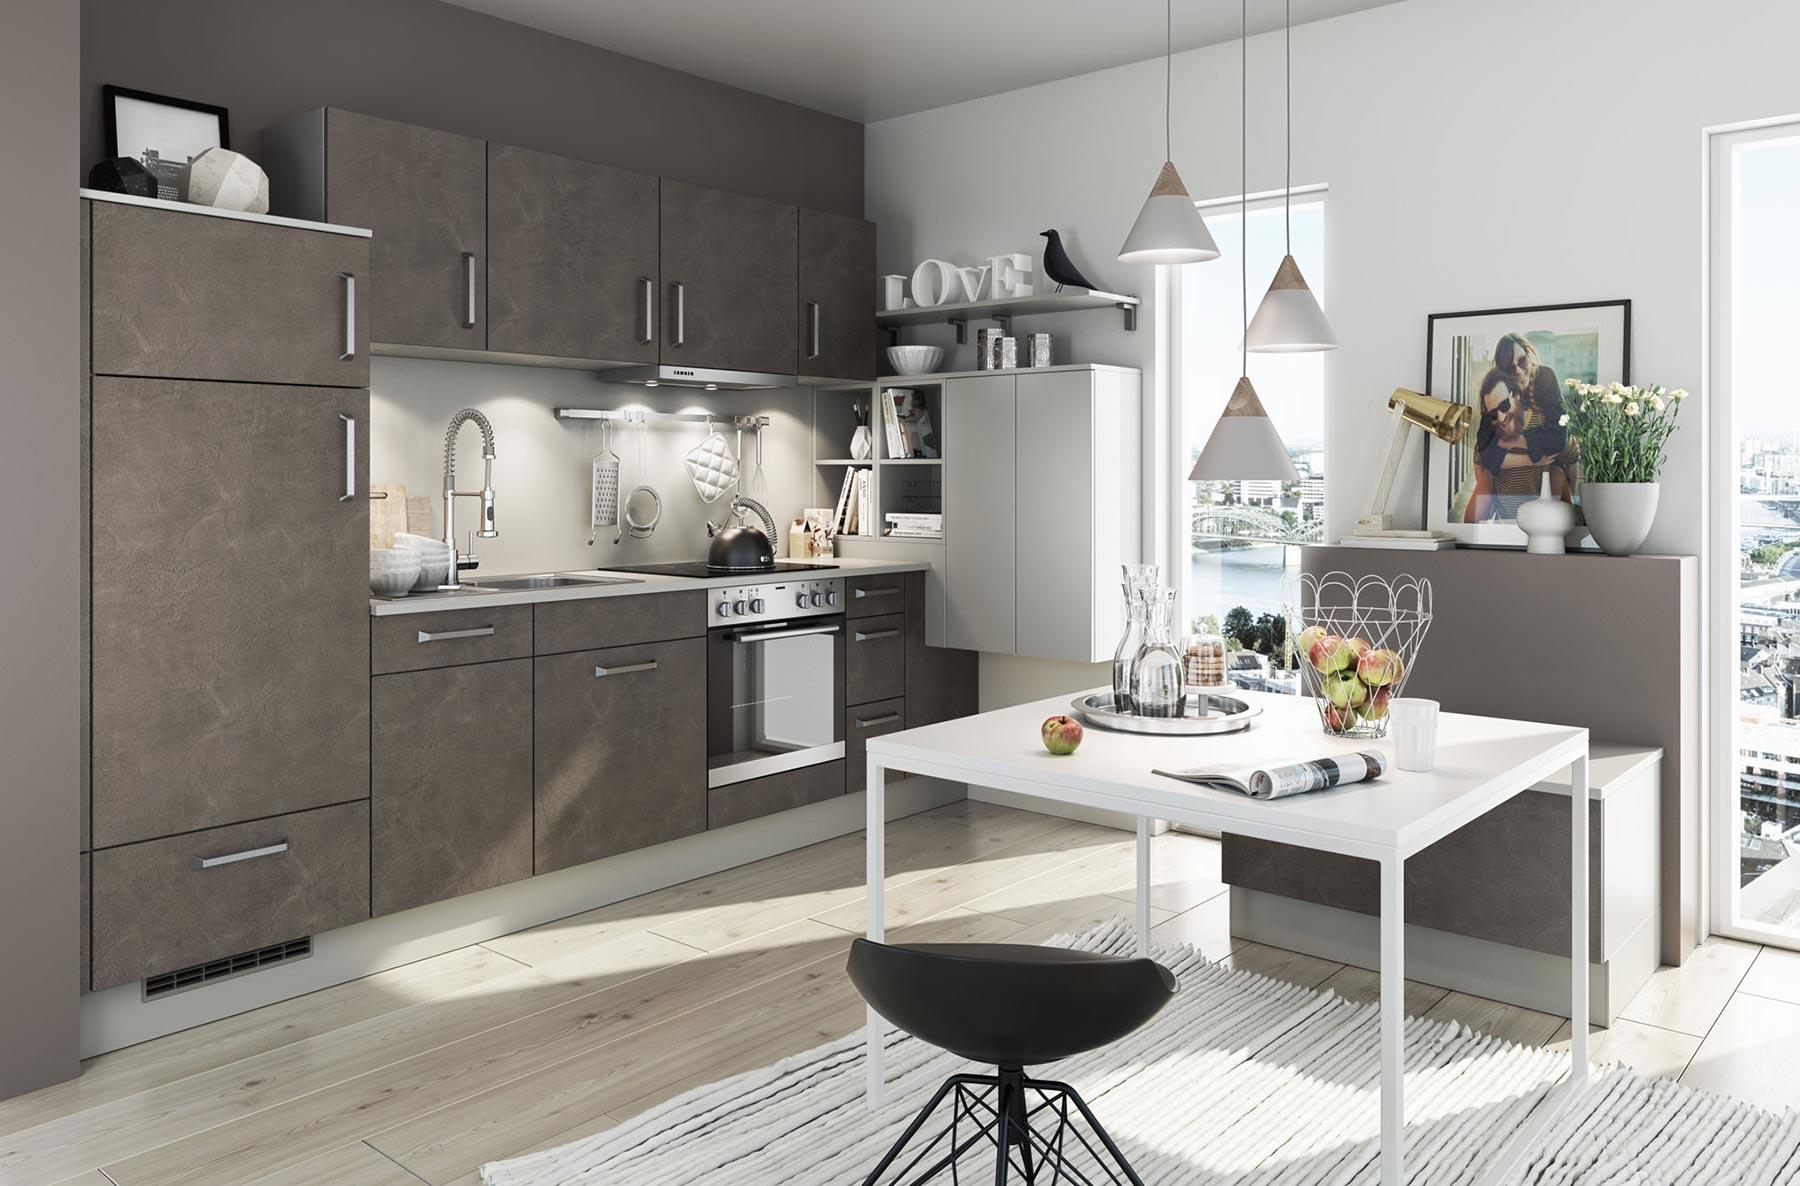 Insel kuchen silbernagel ihr kuchenstudio auf rugen for Küchen insel